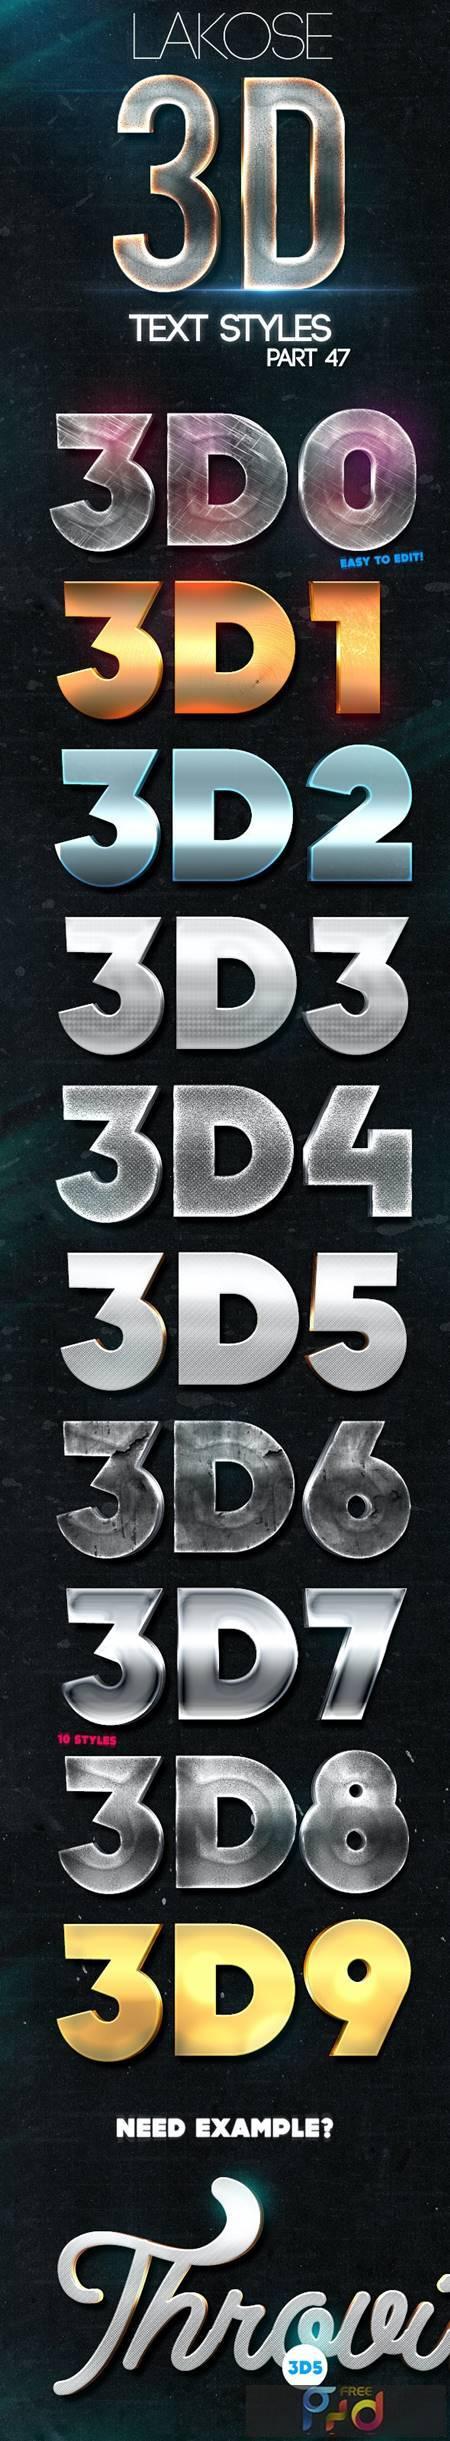 Lakose 3D Text Styles Part 47 24220050 1